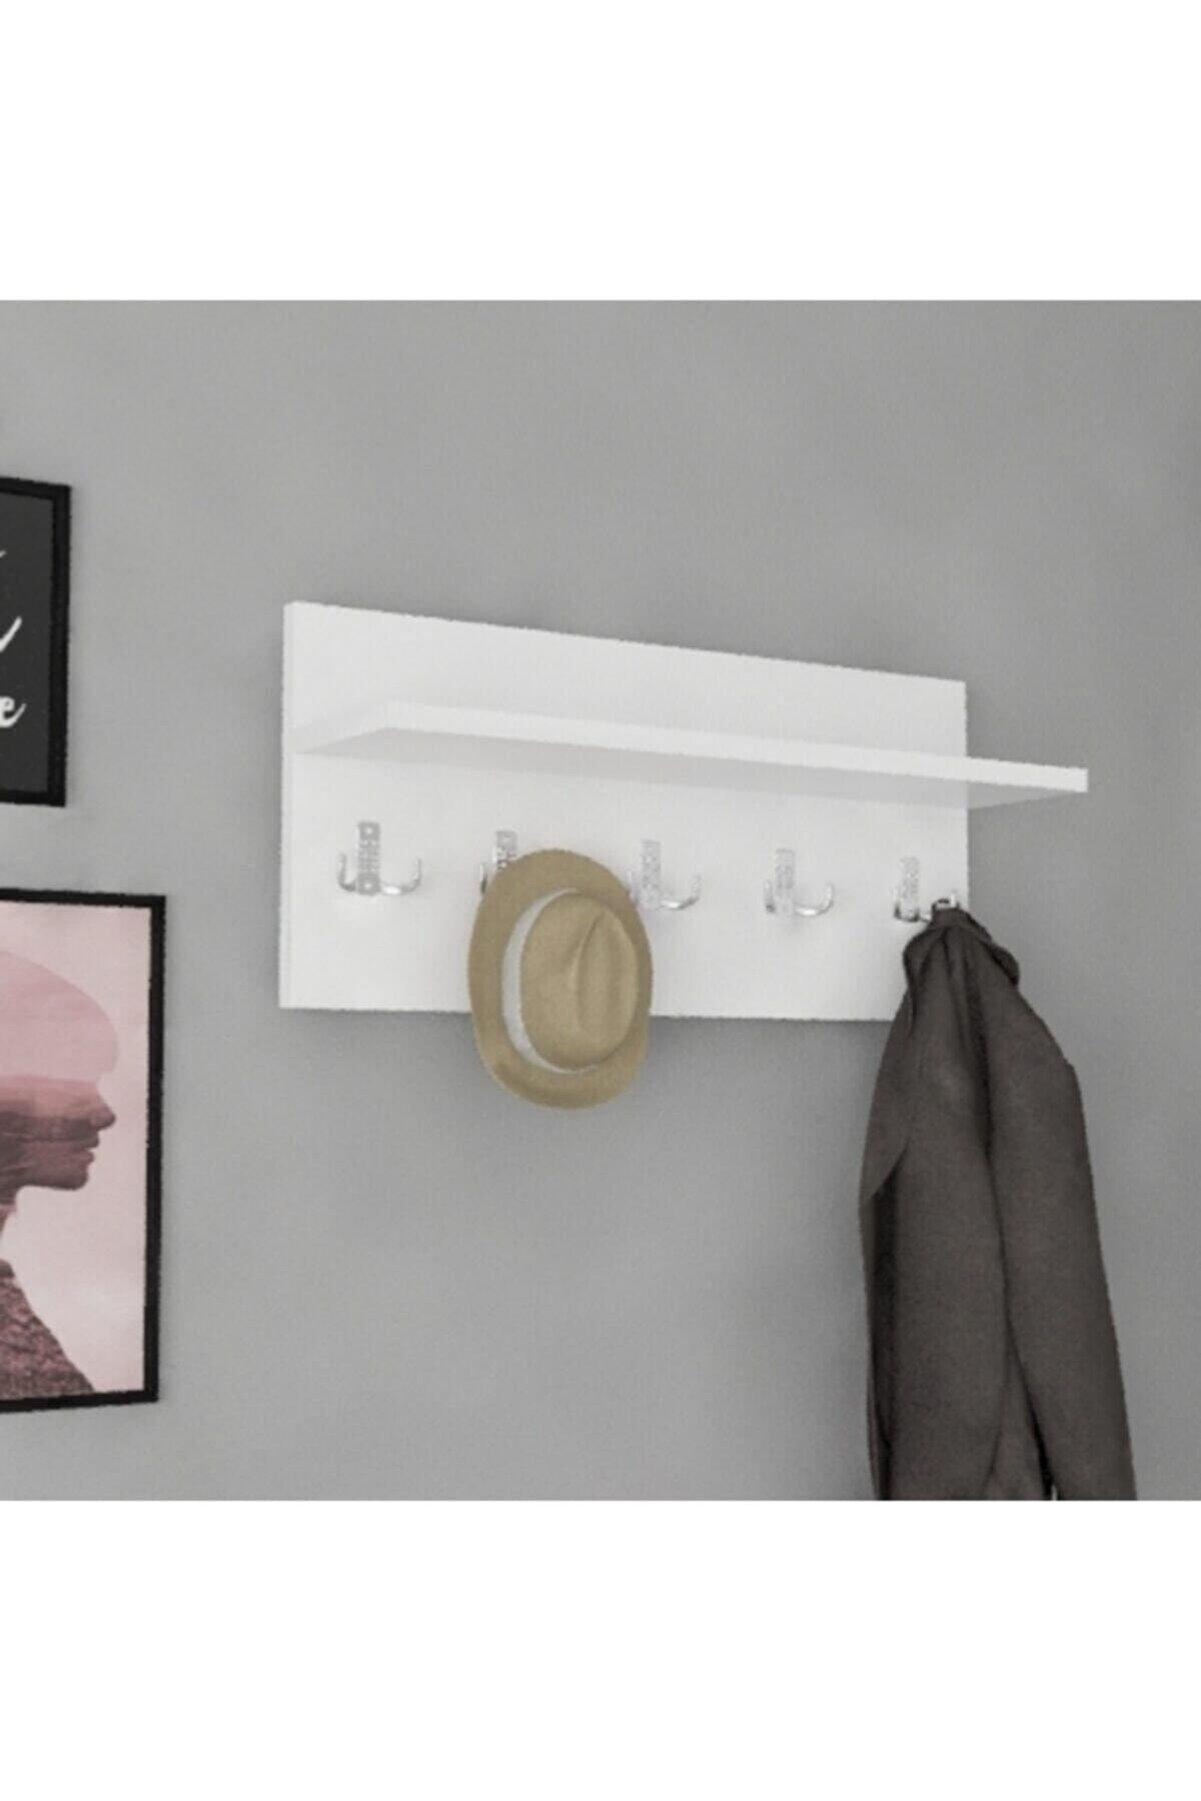 Saber Kapı Arkası Ve Duvar Askısı Hol Koridor Mutfak Ve Banyo Askılığı Havlu Elbise Askılığı